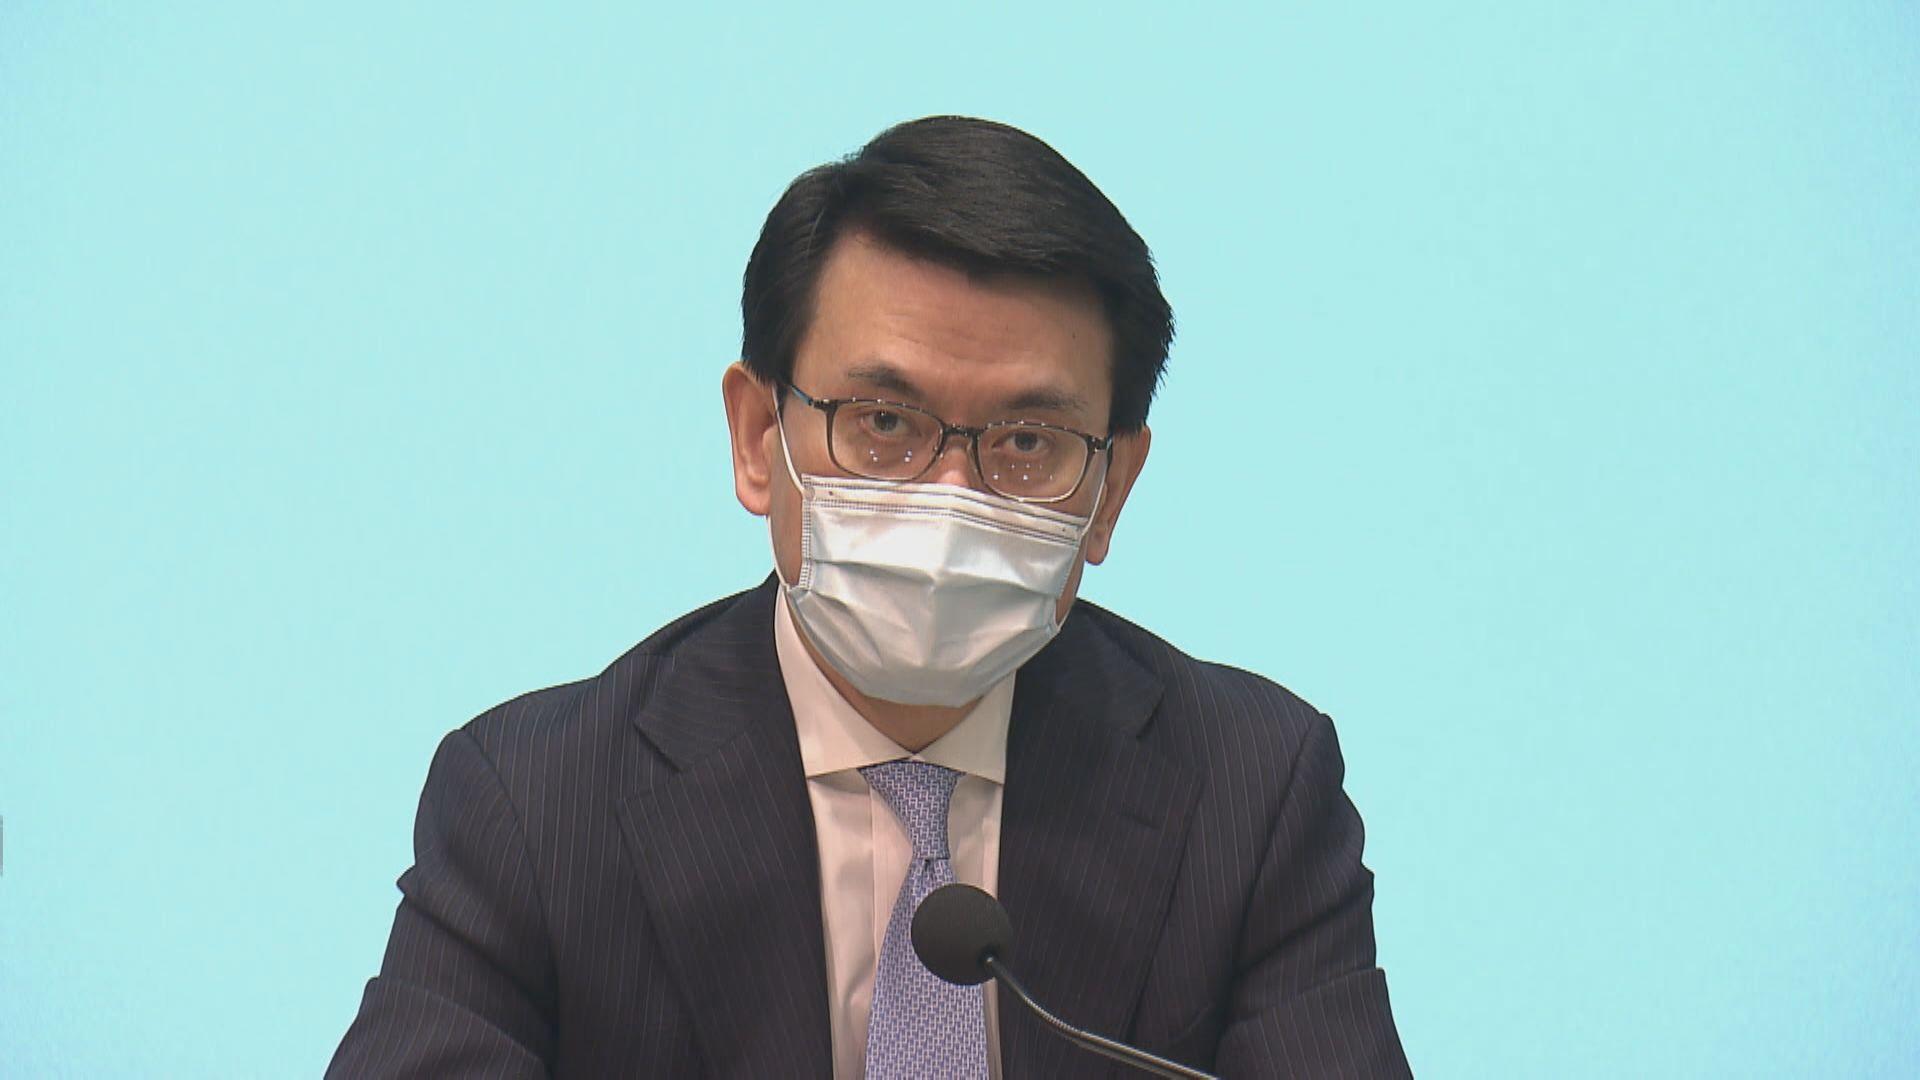 會與台灣接觸?邱騰華:不排除接觸更多國家或地區